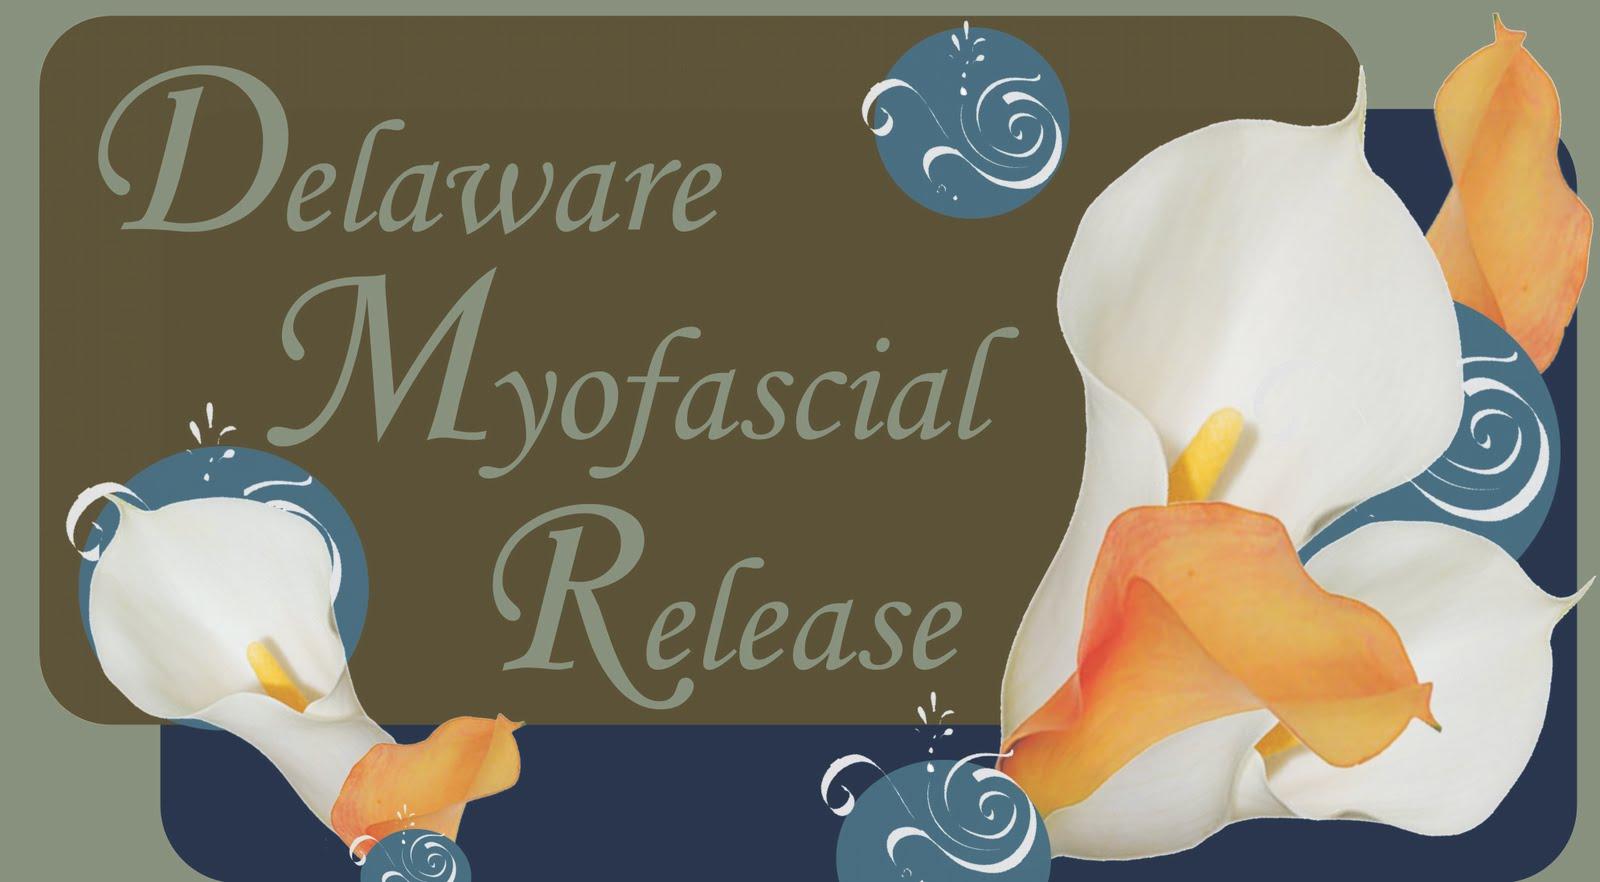 Delaware Myofascial Release